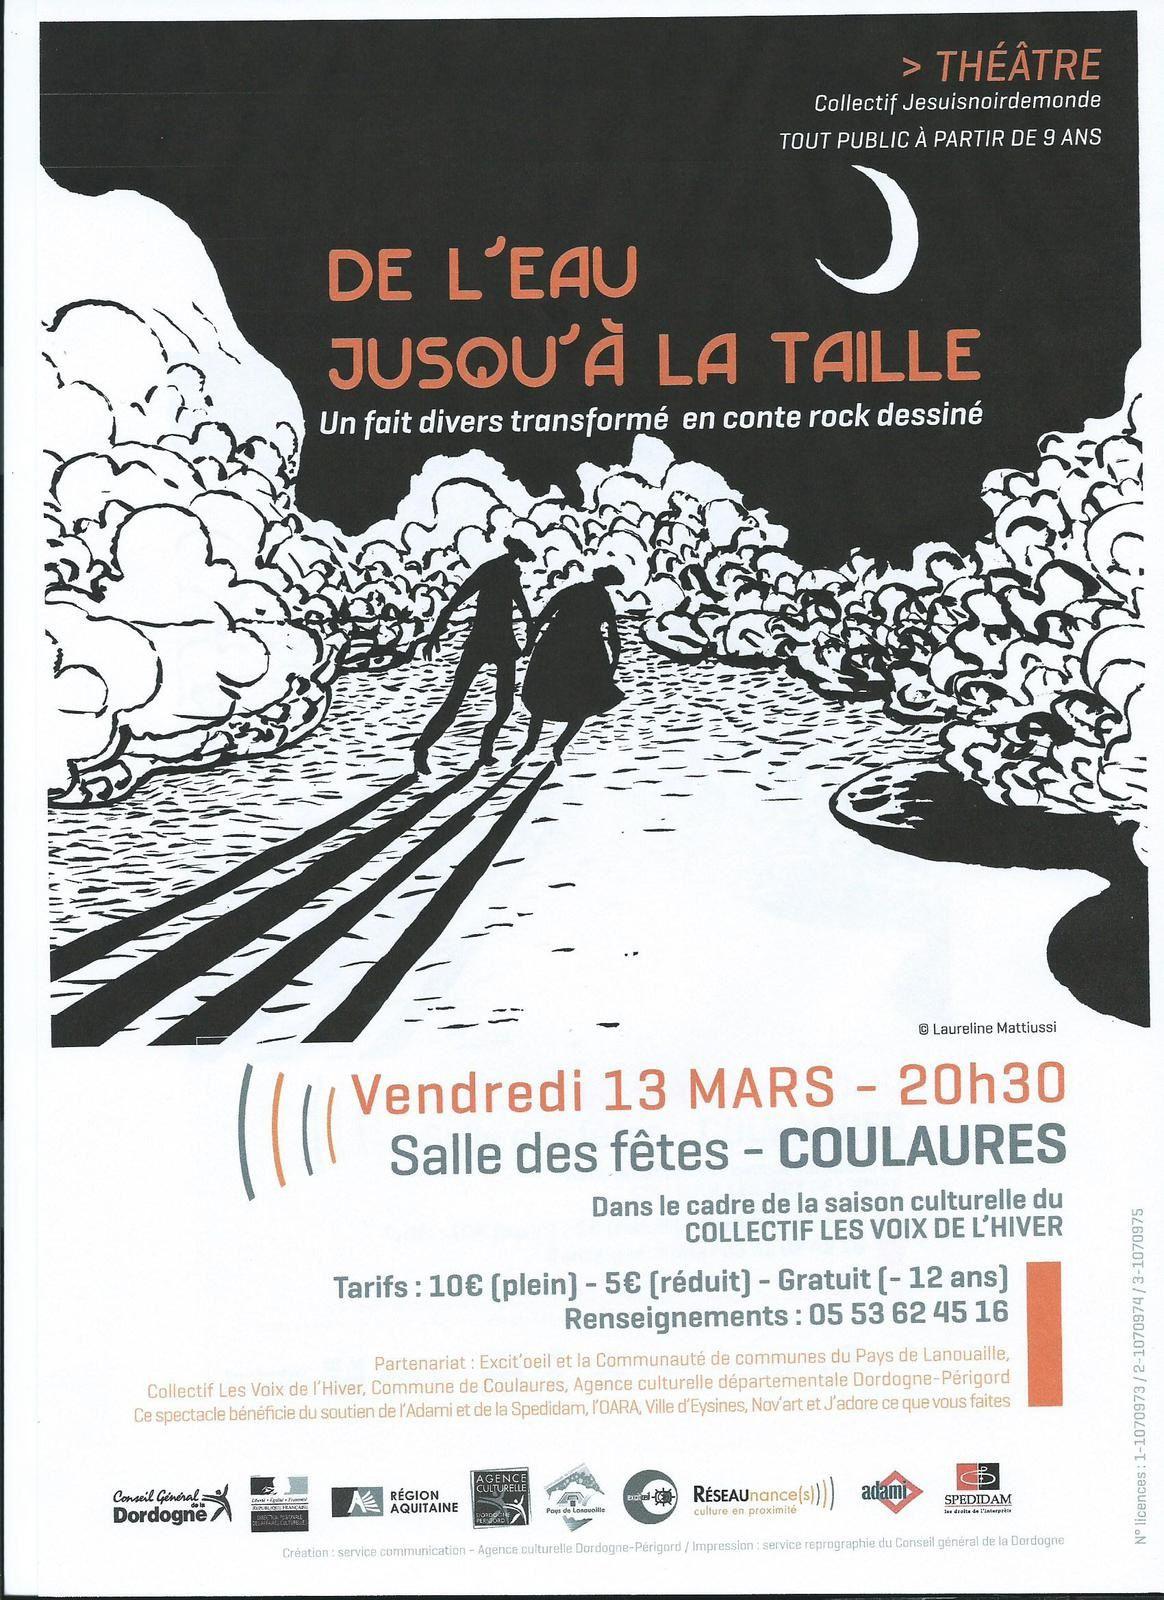 LE CONTE ROCK &quot&#x3B;DE L'EAU JUSQU'A LA TAILLE&quot&#x3B; CE  VENDREDI 13 MARS 2015 A COULAURES